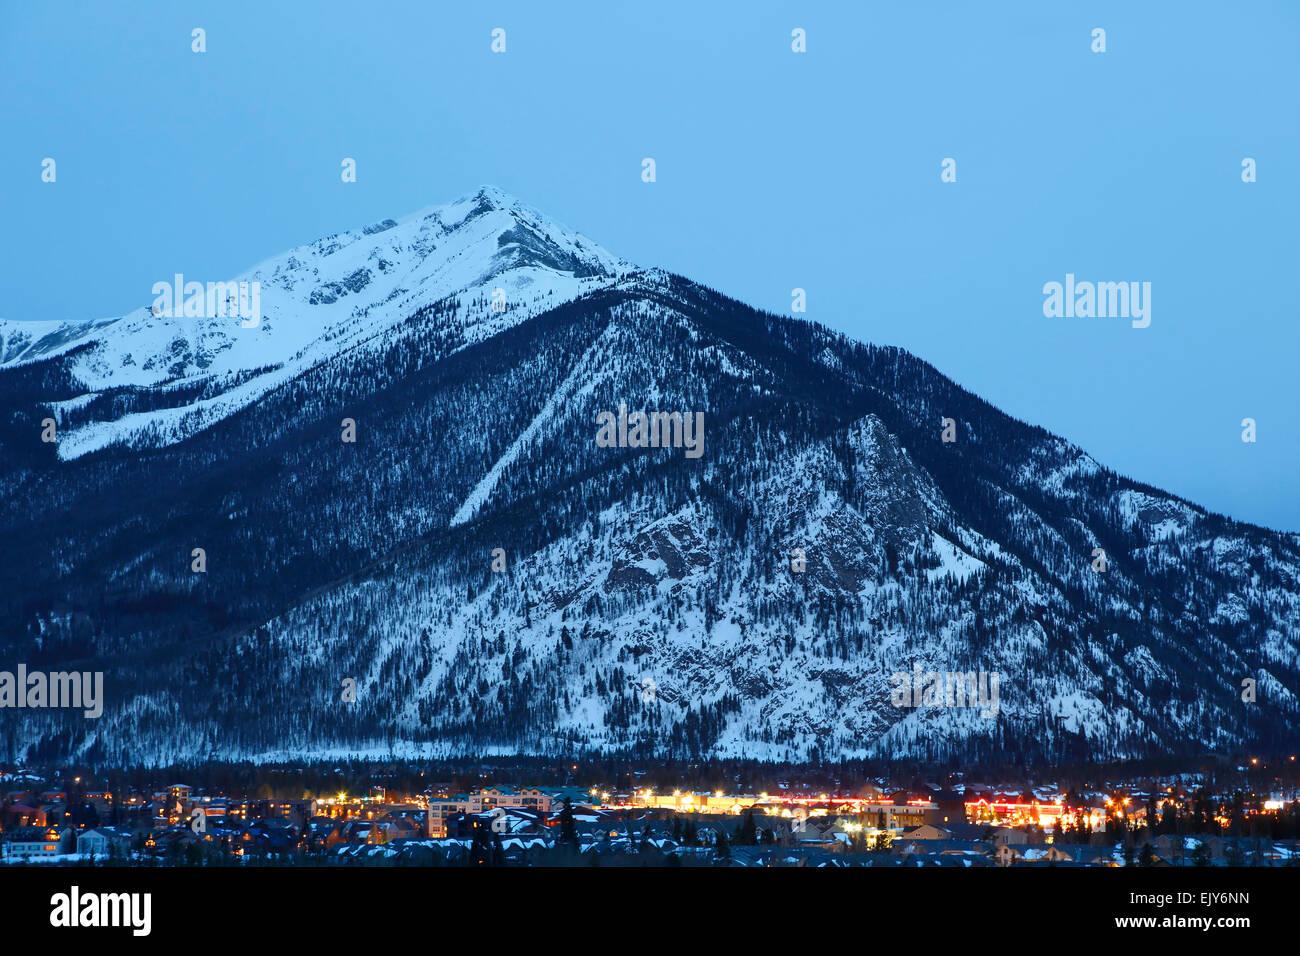 Ten Mile Peak (aka Peak 1) and town of Frisco, Colorado USA - Stock Image